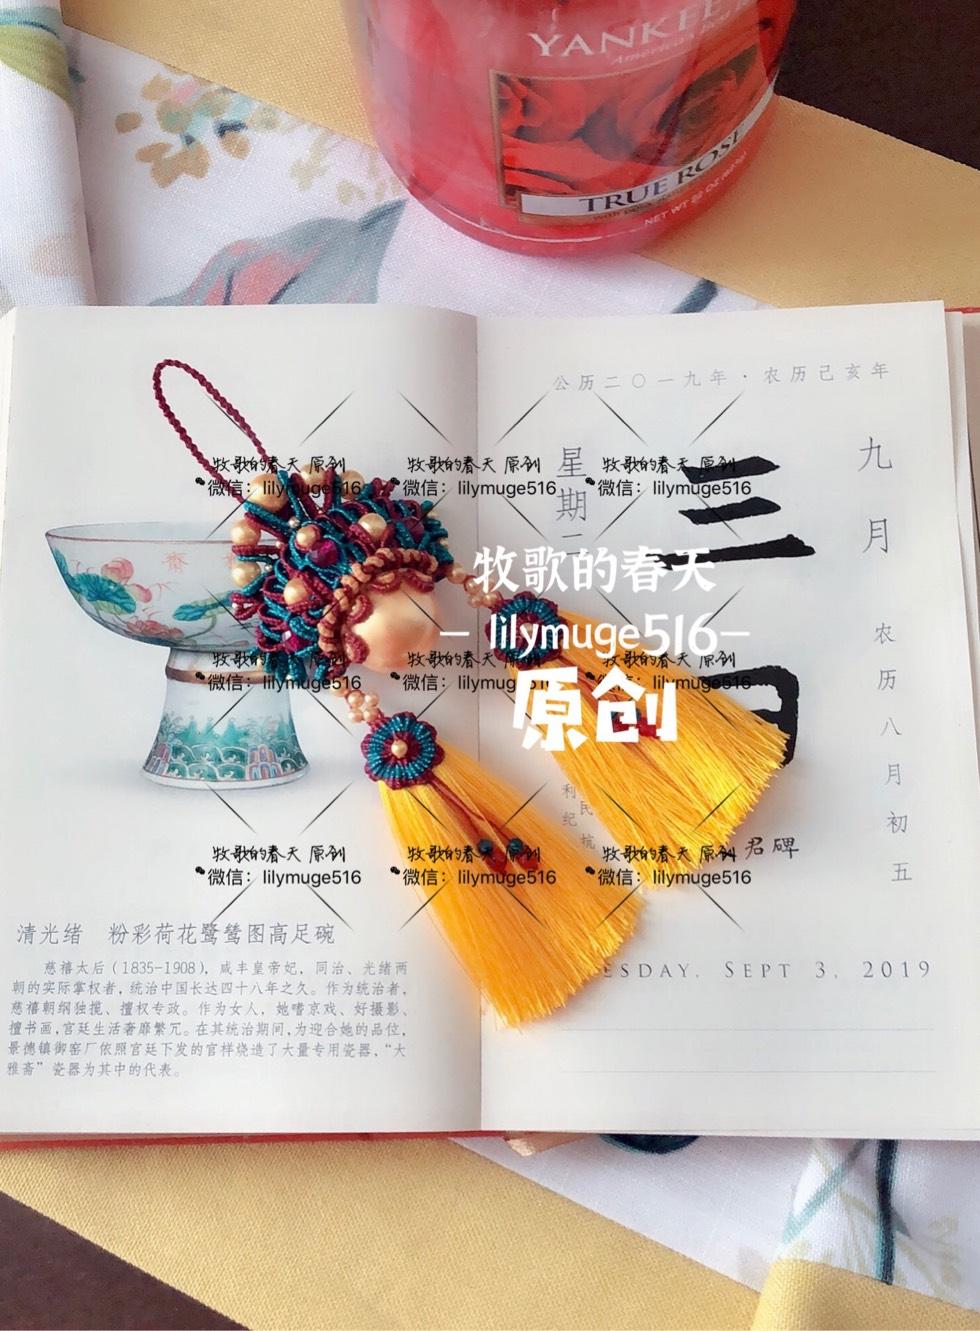 中国结论坛 原创~玲珑版凤冠花嫁之苏觅 凤冠花嫁之菡萏教程上,大型凤冠花嫁的编法,唯觅玲珑瘦有效果吗,凤冠花嫁之碧穹至尊,复式凤冠花嫁教程 作品展示 124043s0m2g8gqkau03332